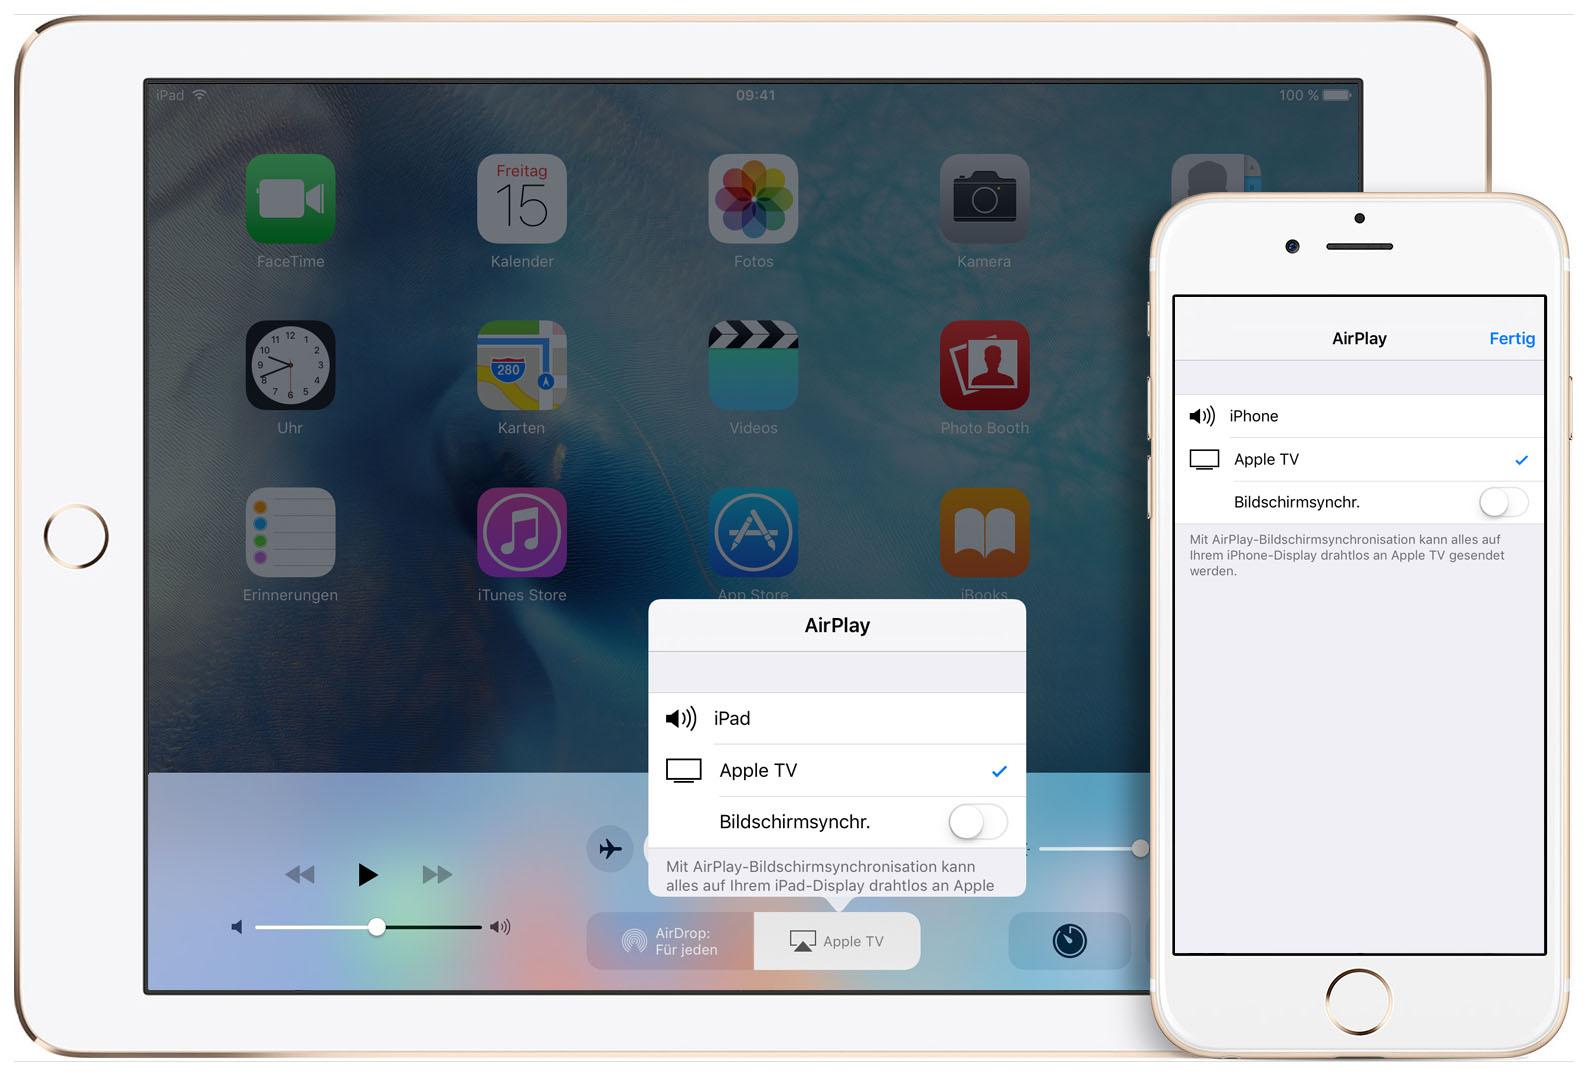 Bildschirmsynchronisation Iphone